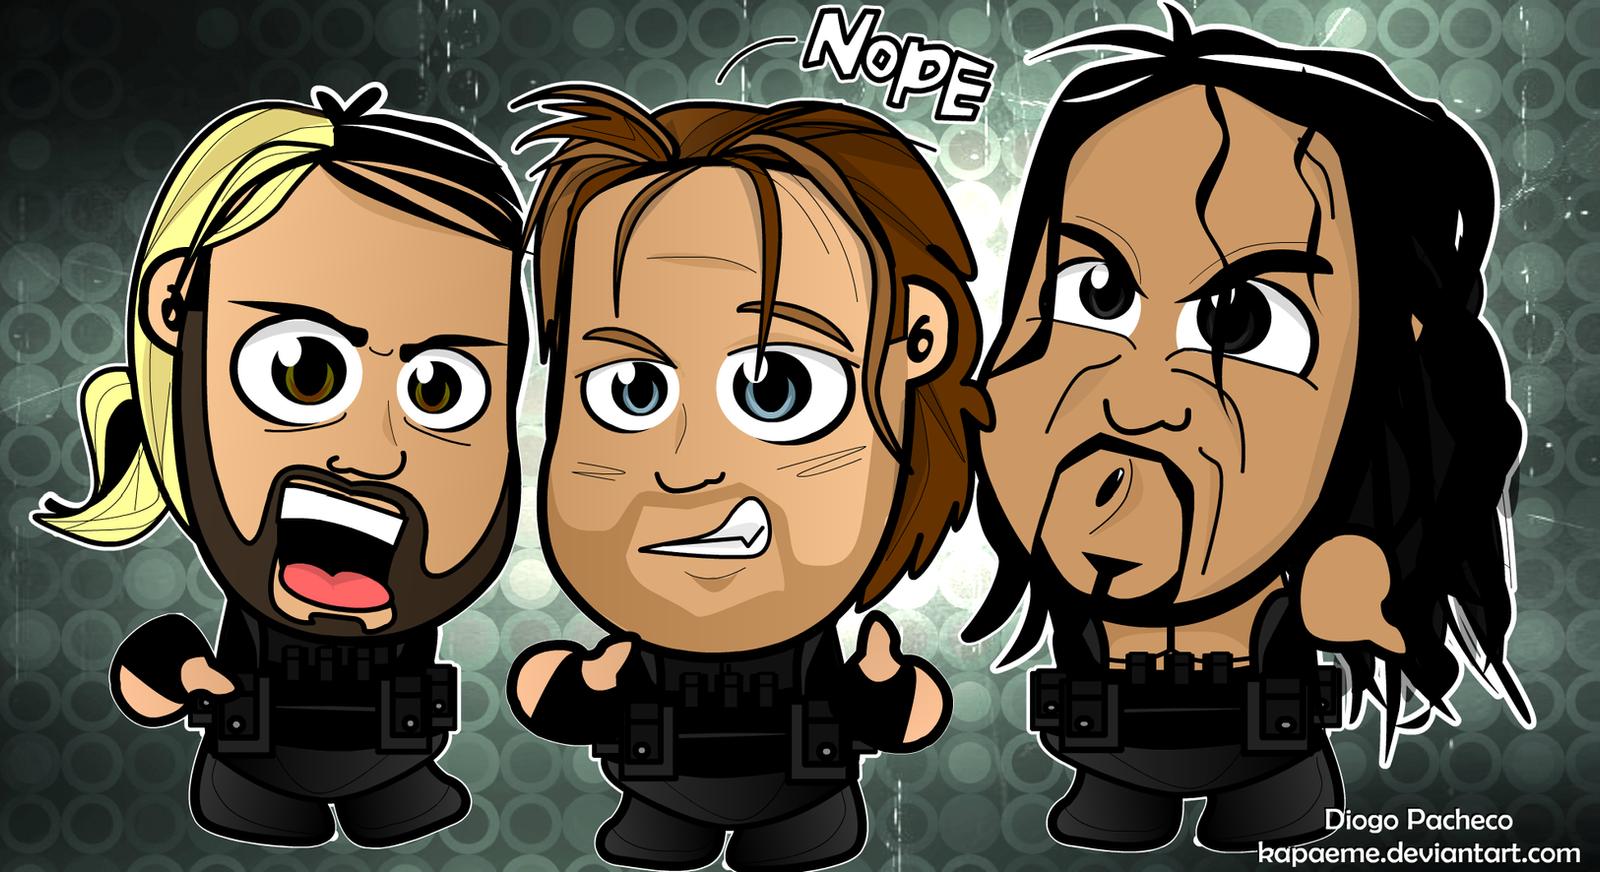 Seth Rollins, Dean Ambrose, Roman Reigns Wallpaper by kapaeme